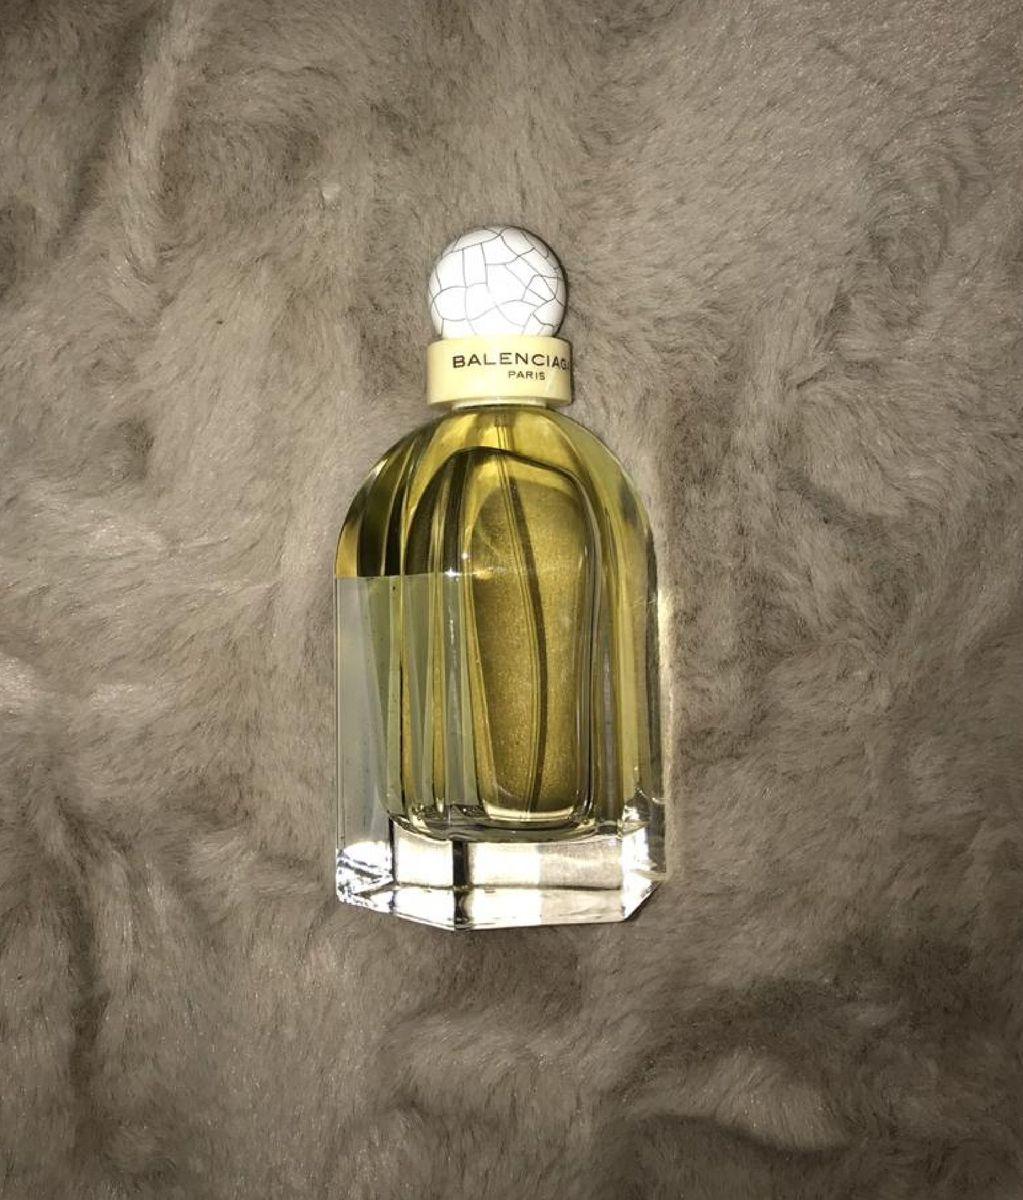 balenciaga paris 100ml - perfume balenciaga